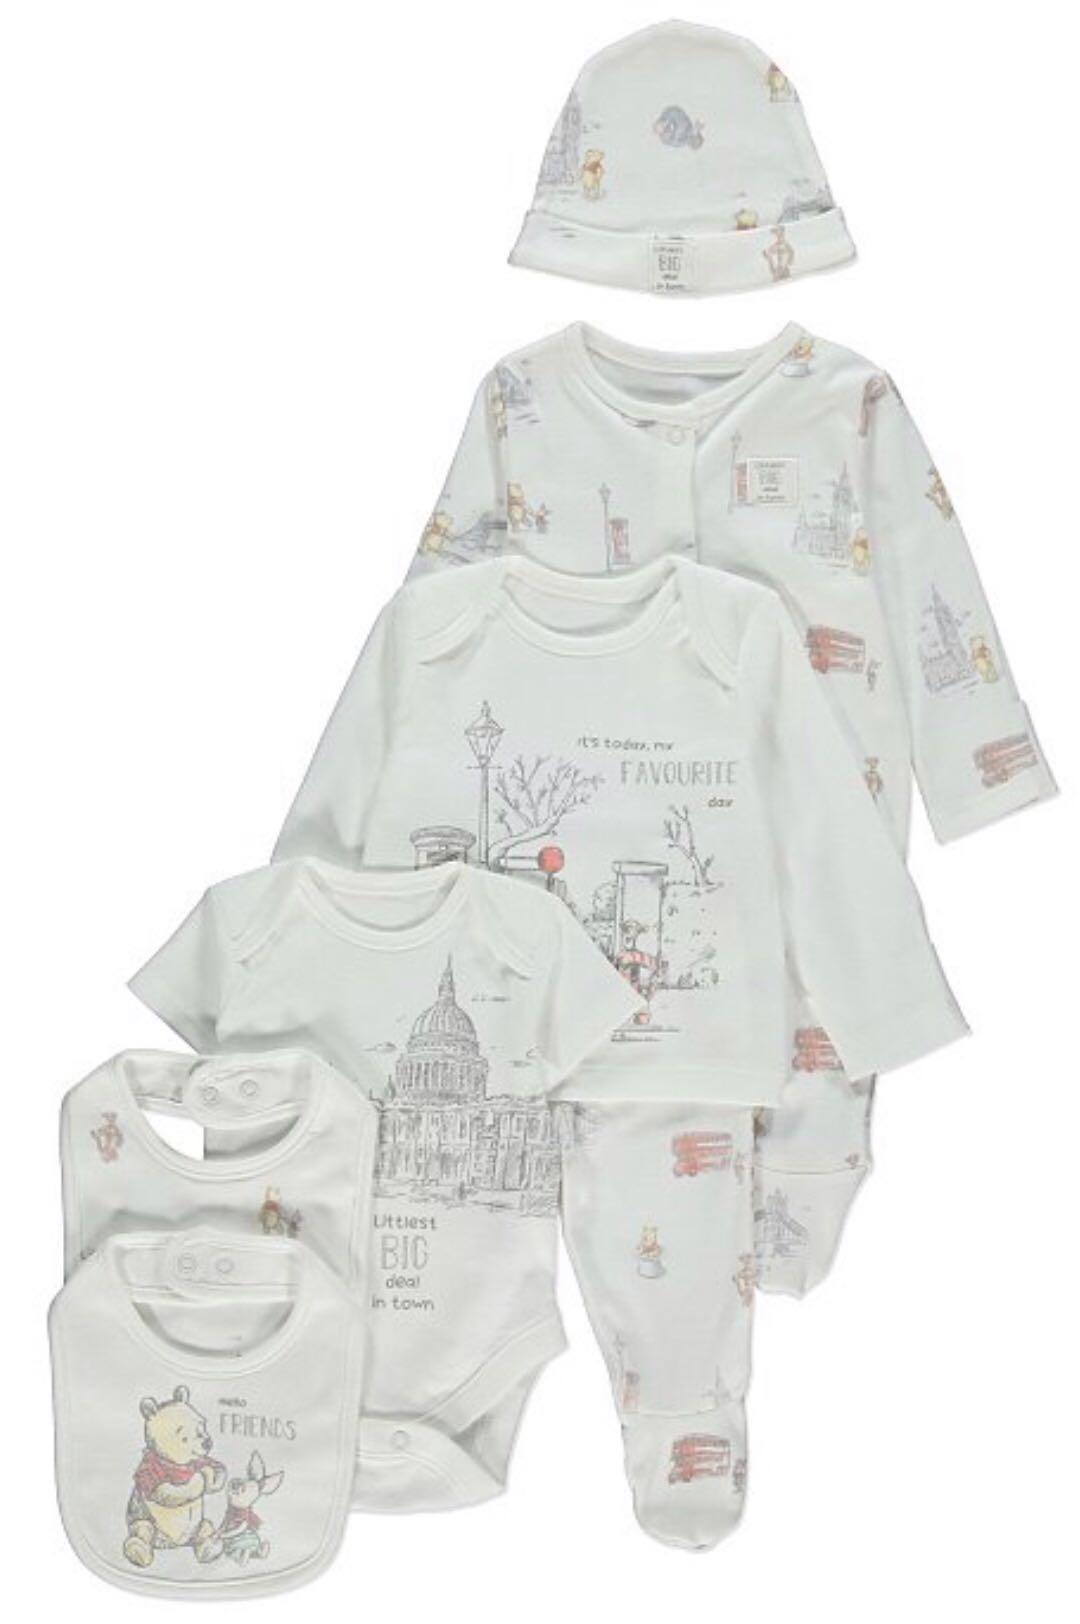 🇬🇧英國直送🇬🇧 Winnie the Pooh 初生嬰兒7件套裝